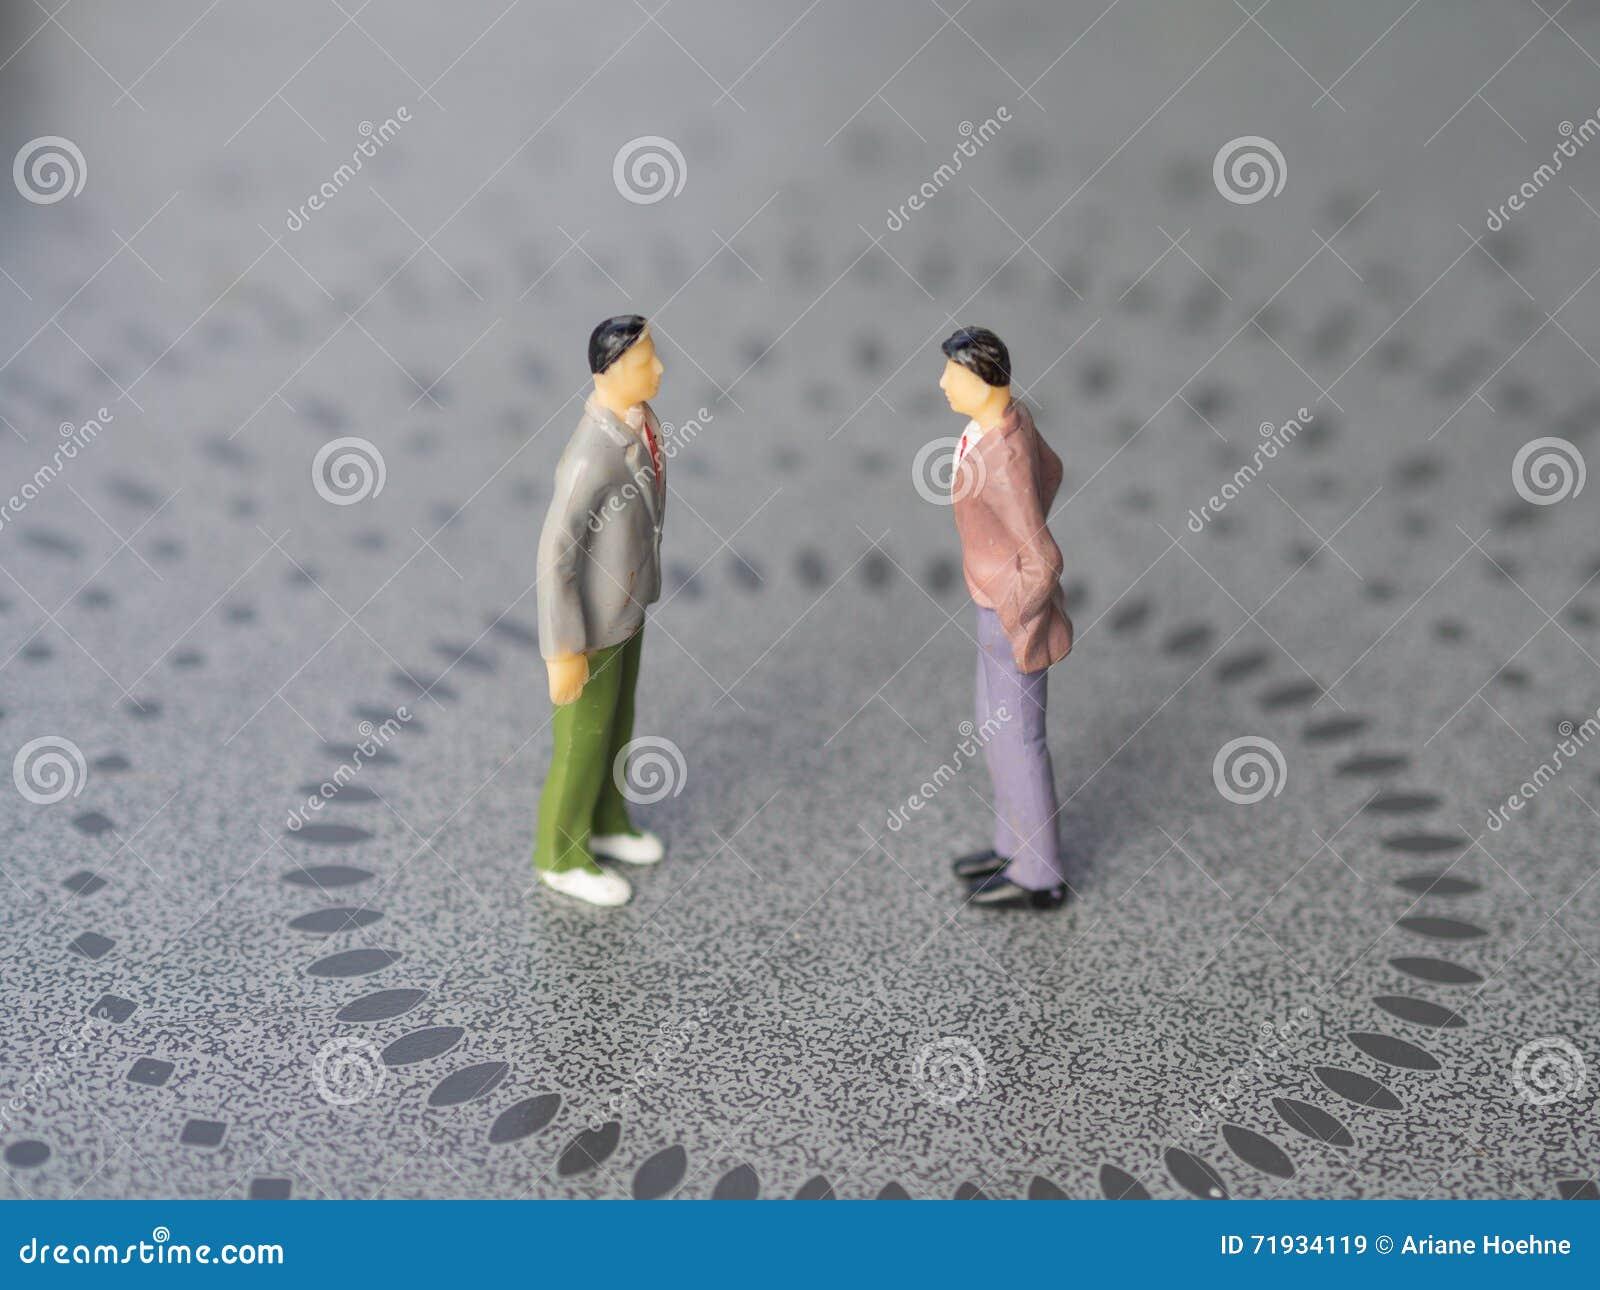 Конфликт между 2 людьми